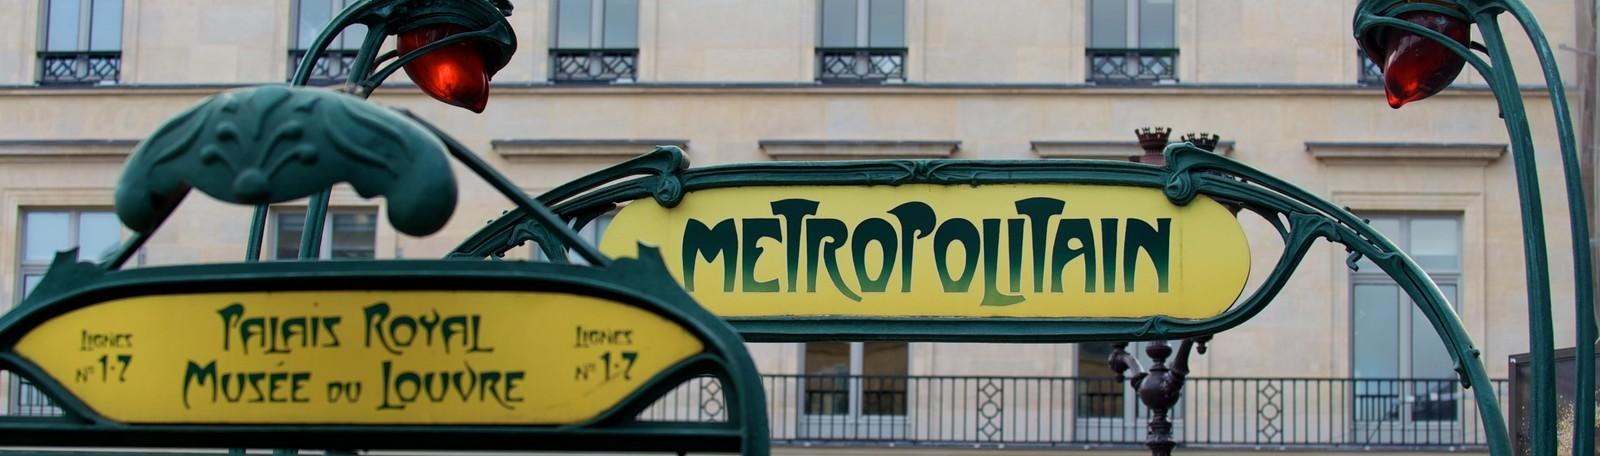 Car Park Paris Palais Royal Musée du Louvre metro station